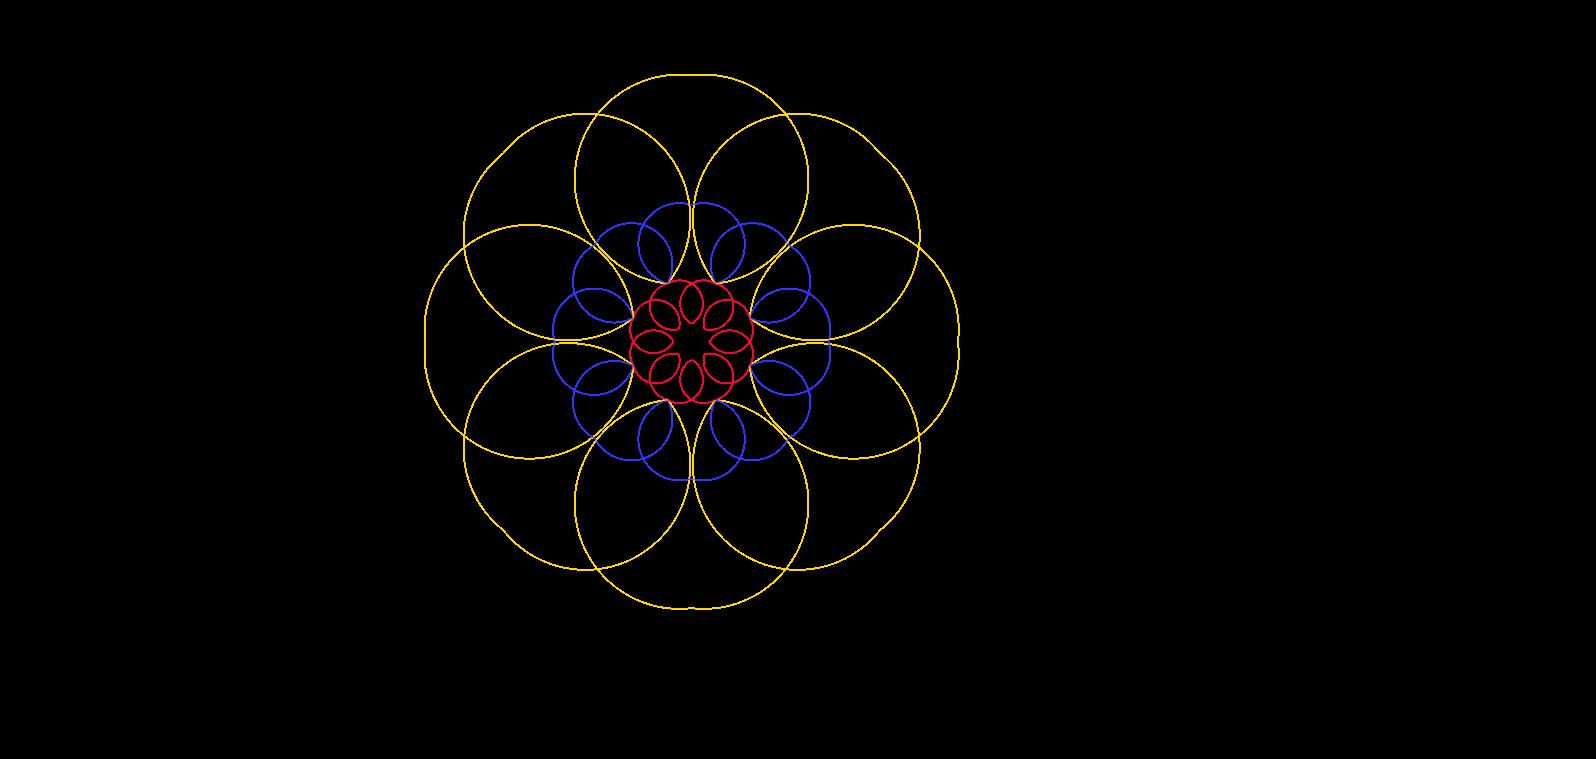 Animacja oparta na dwusiecznych i symetrii osiowej